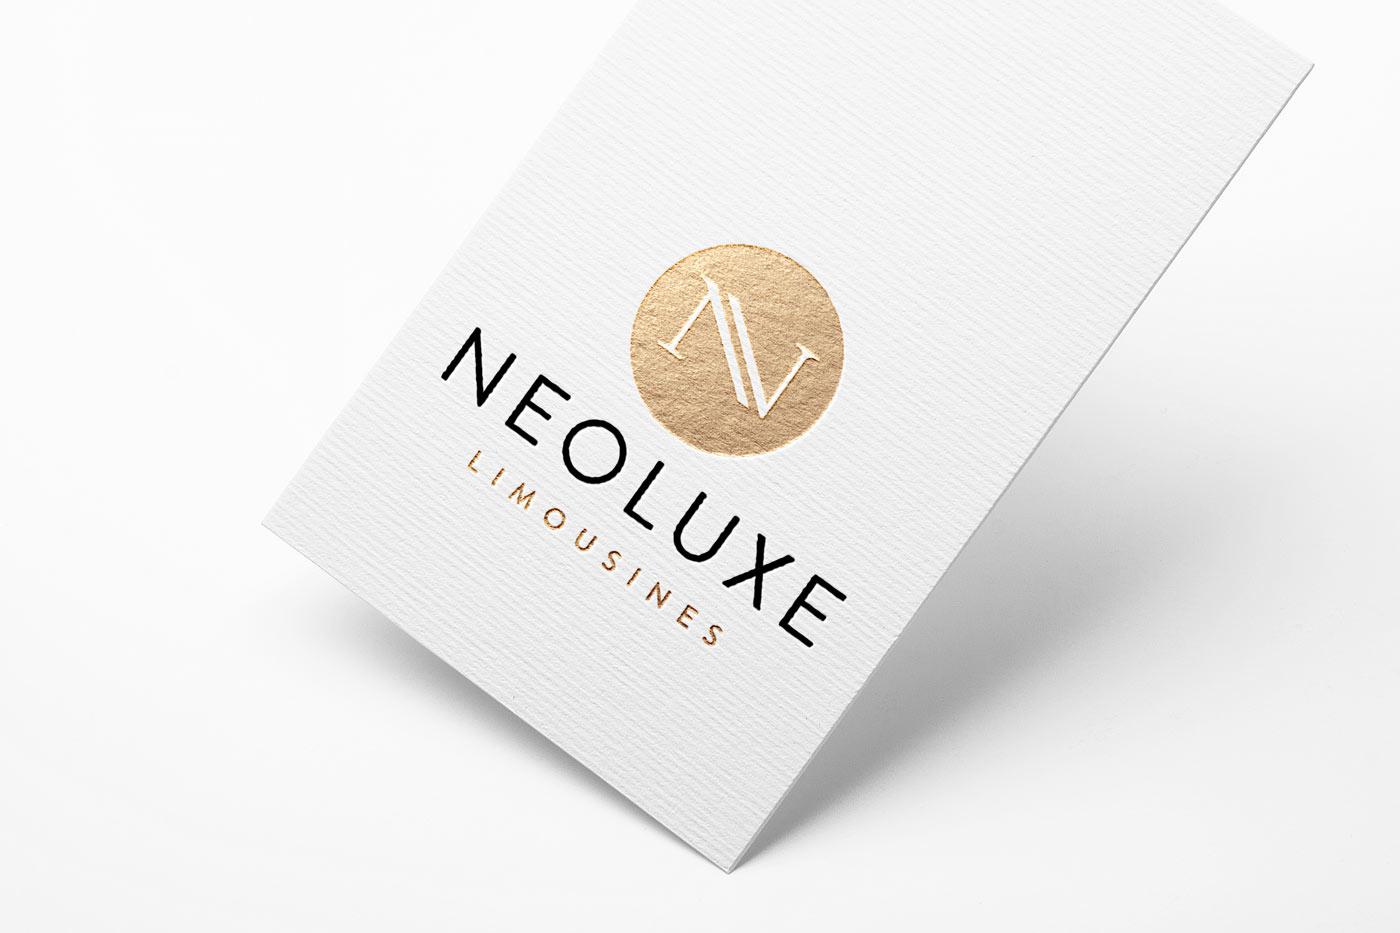 NEOLUXE Namens- und Logoentwicklung